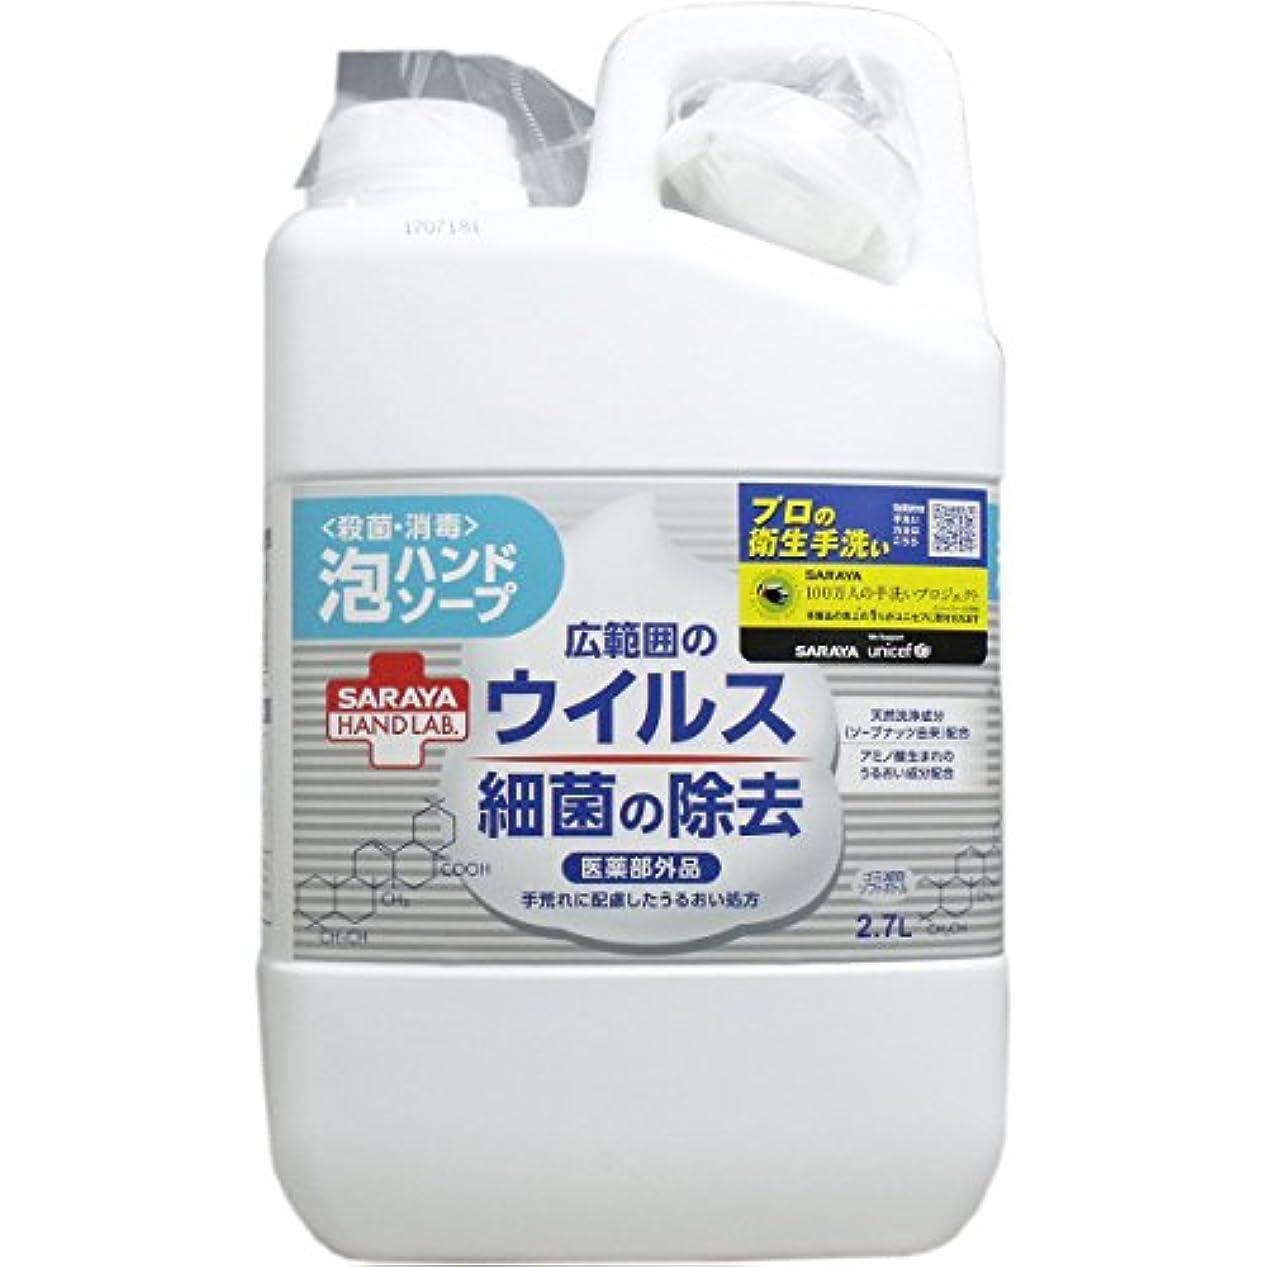 修理工期待して治すハンドラボ 薬用泡ハンドソープ 詰替用 2.7L(単品)